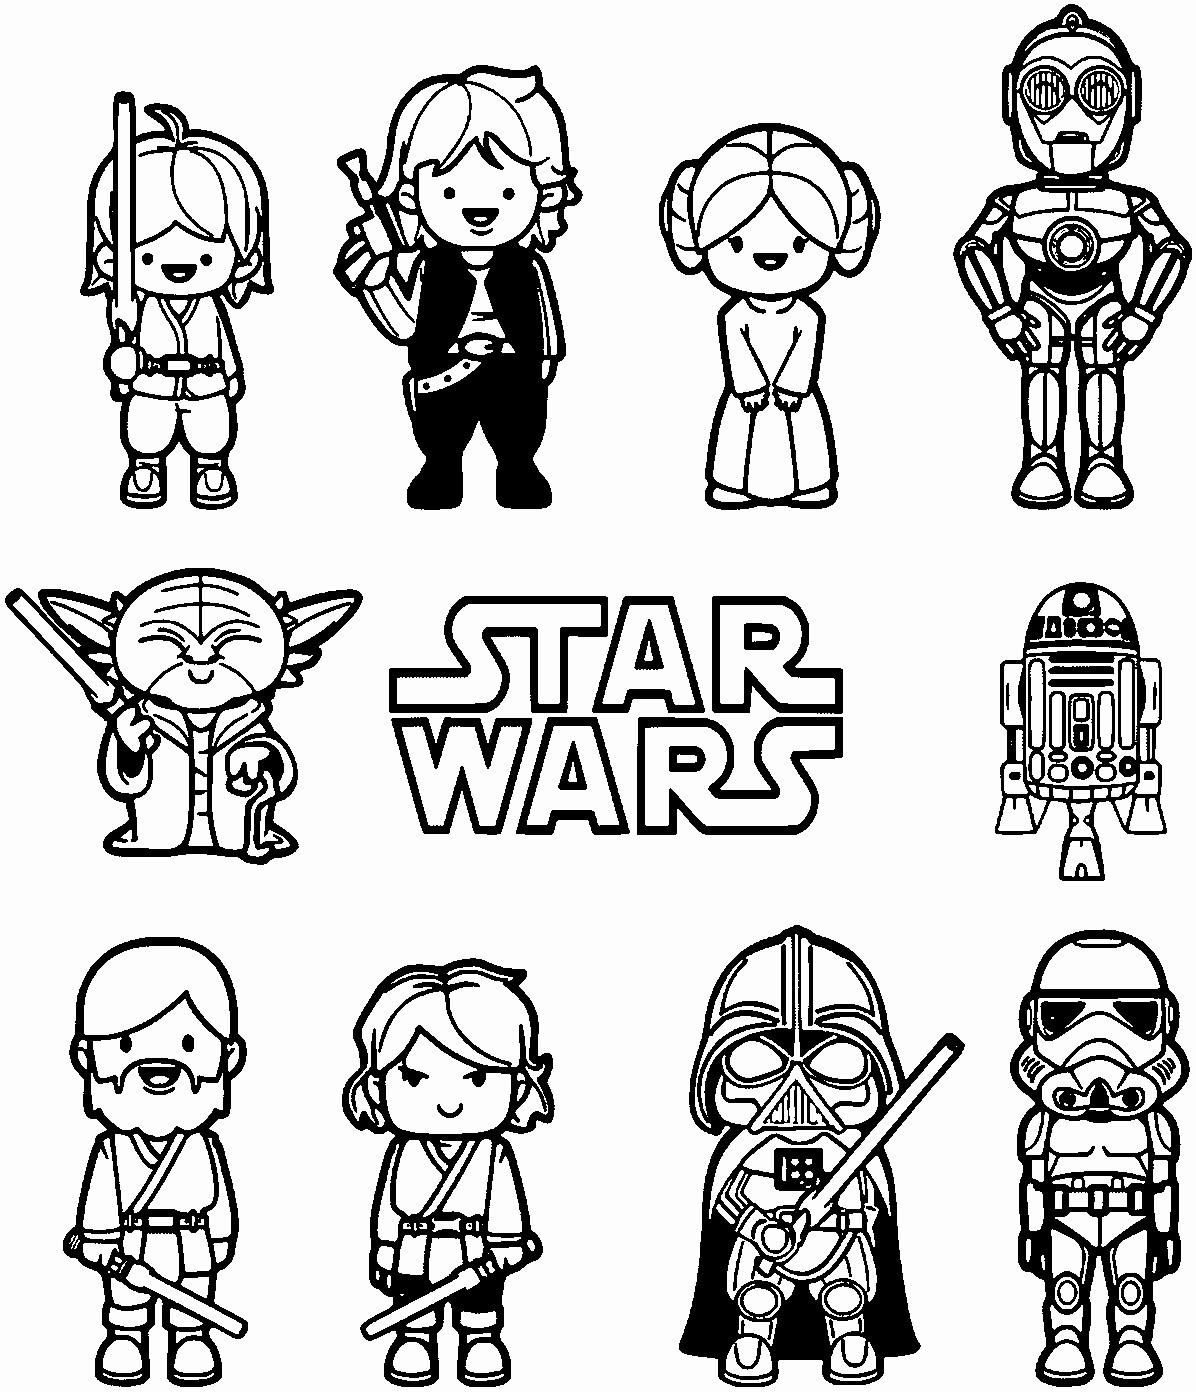 Lego Star Wars Malvorlagen Einzigartig 52 Malvorlagen Star Wars Lego Sammlung